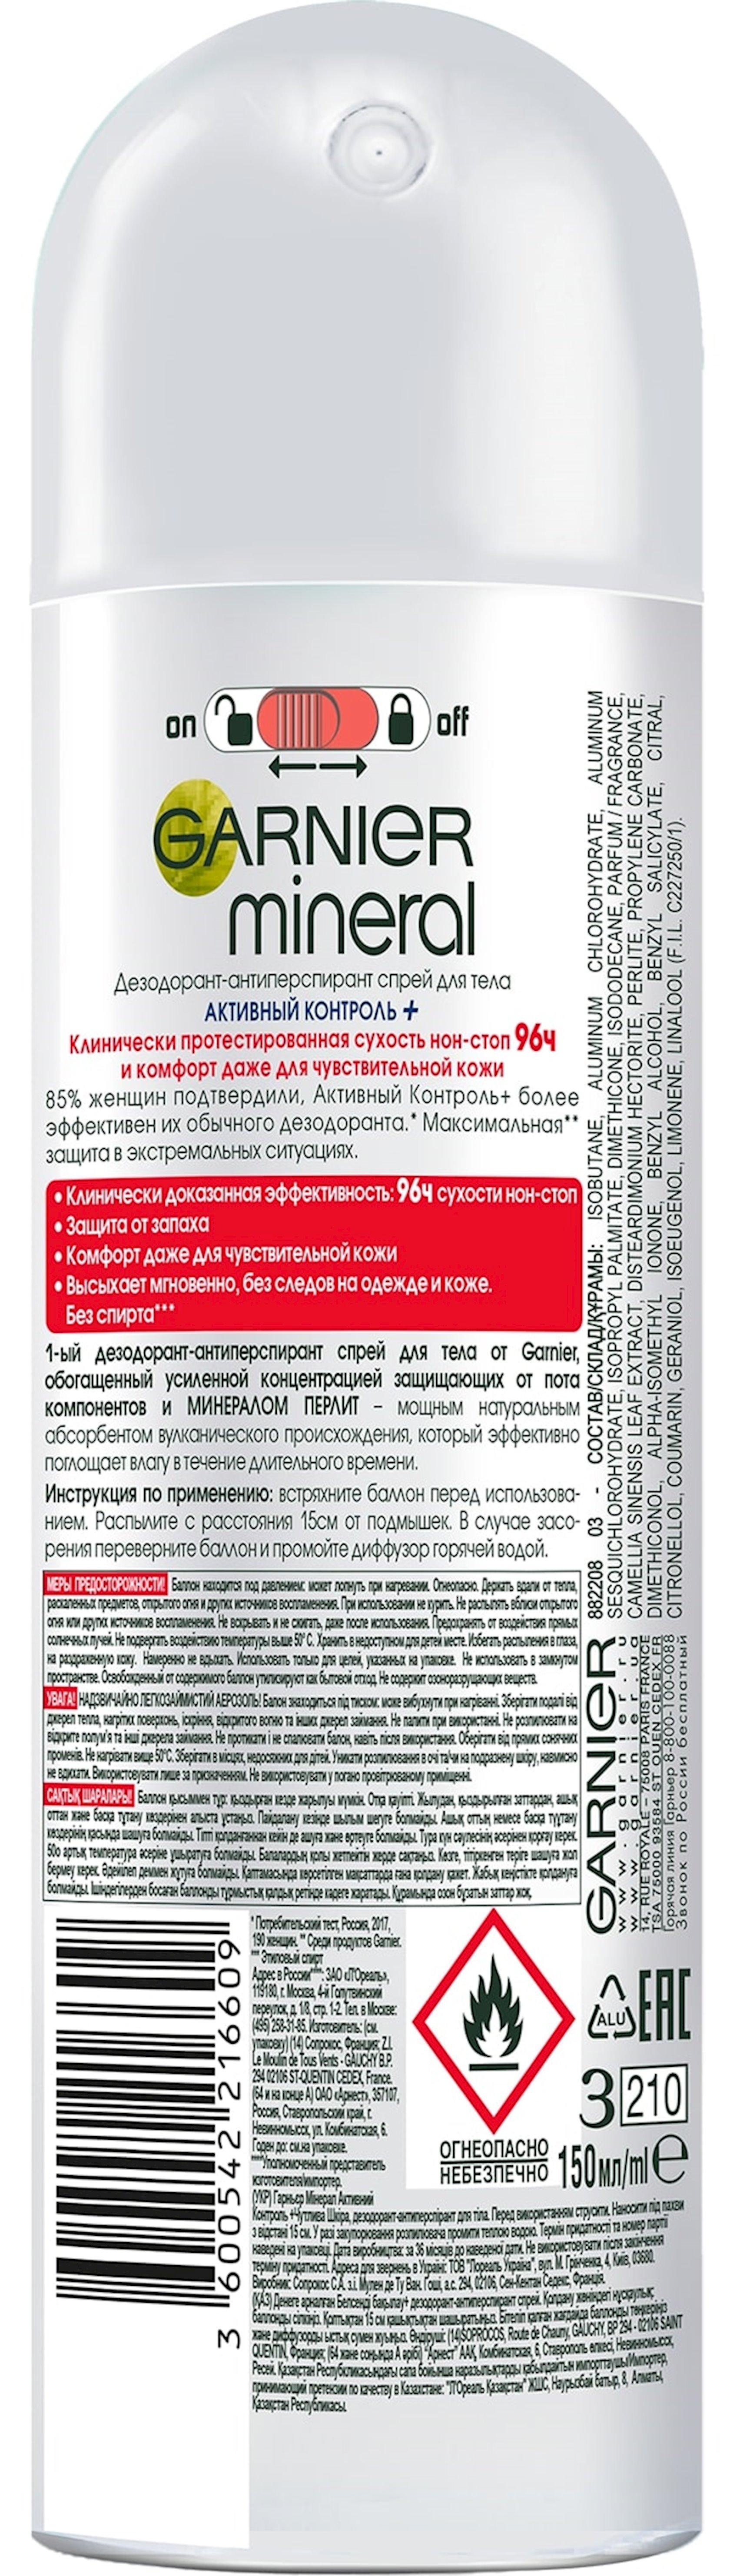 Dezodorant-antiperspirant Garnier aktiv kontrol plyus, qadınlar üçün, 150 ml